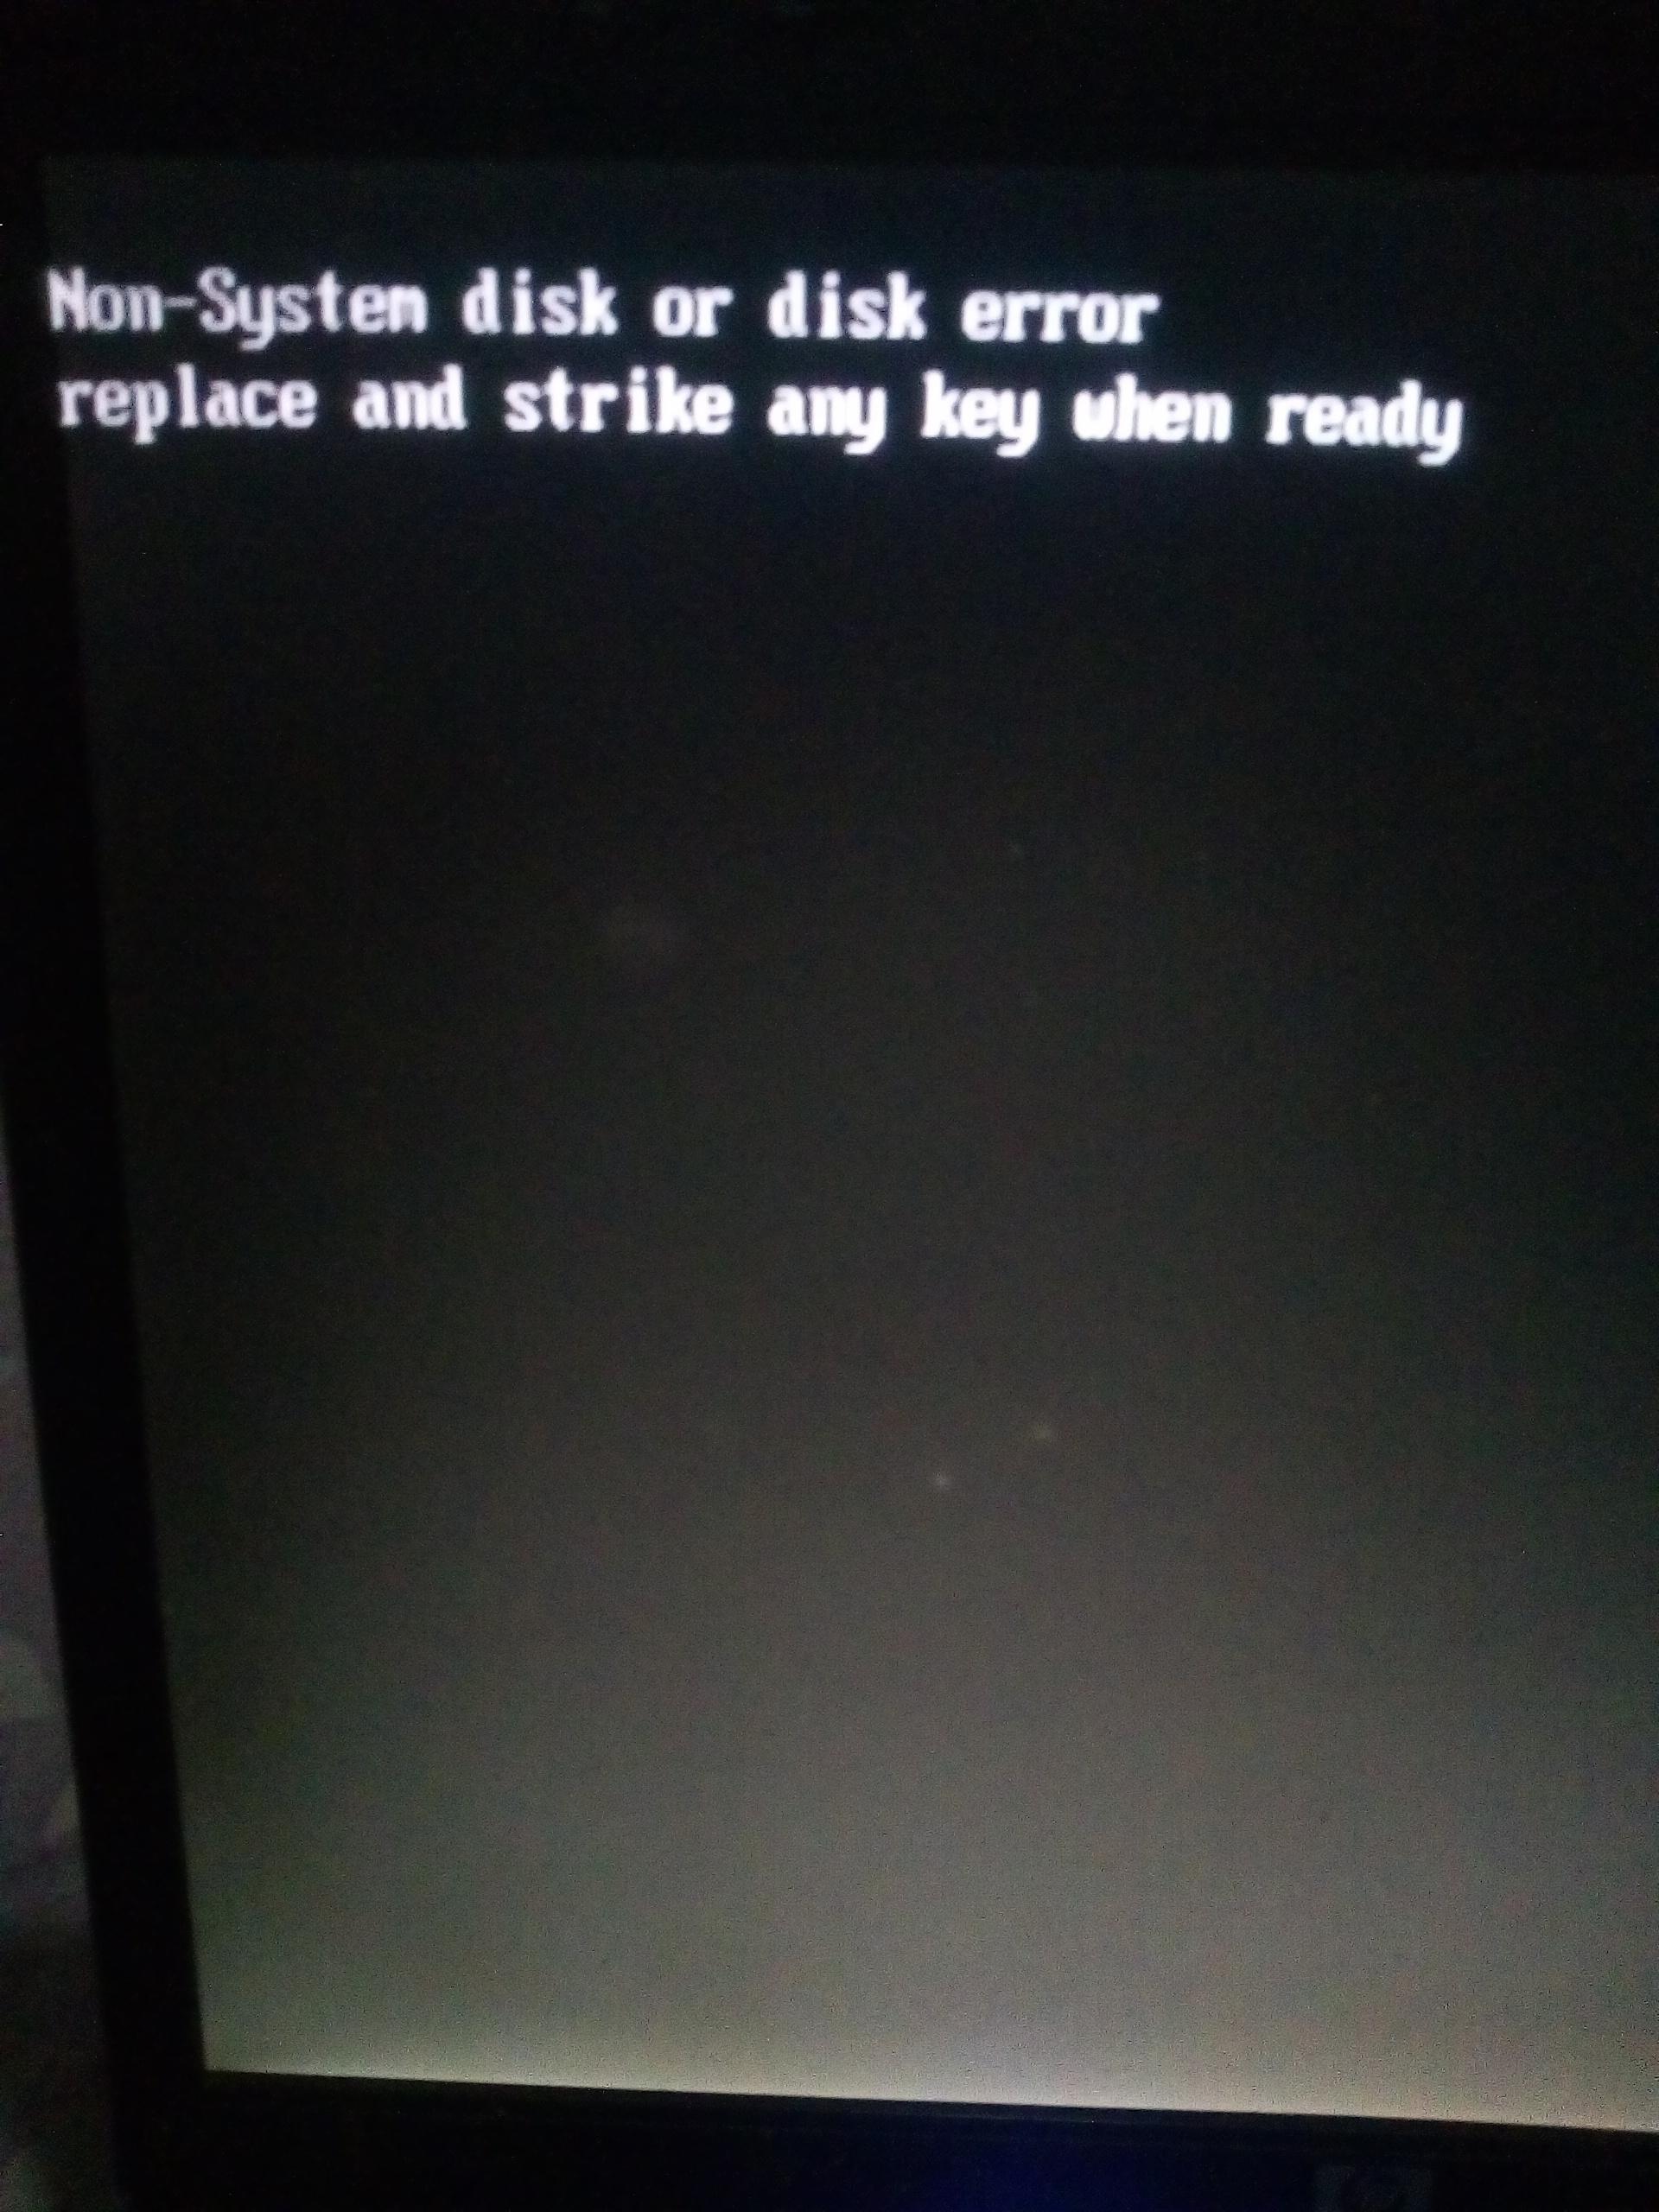 عالم الكمبيوتر حسوب Io